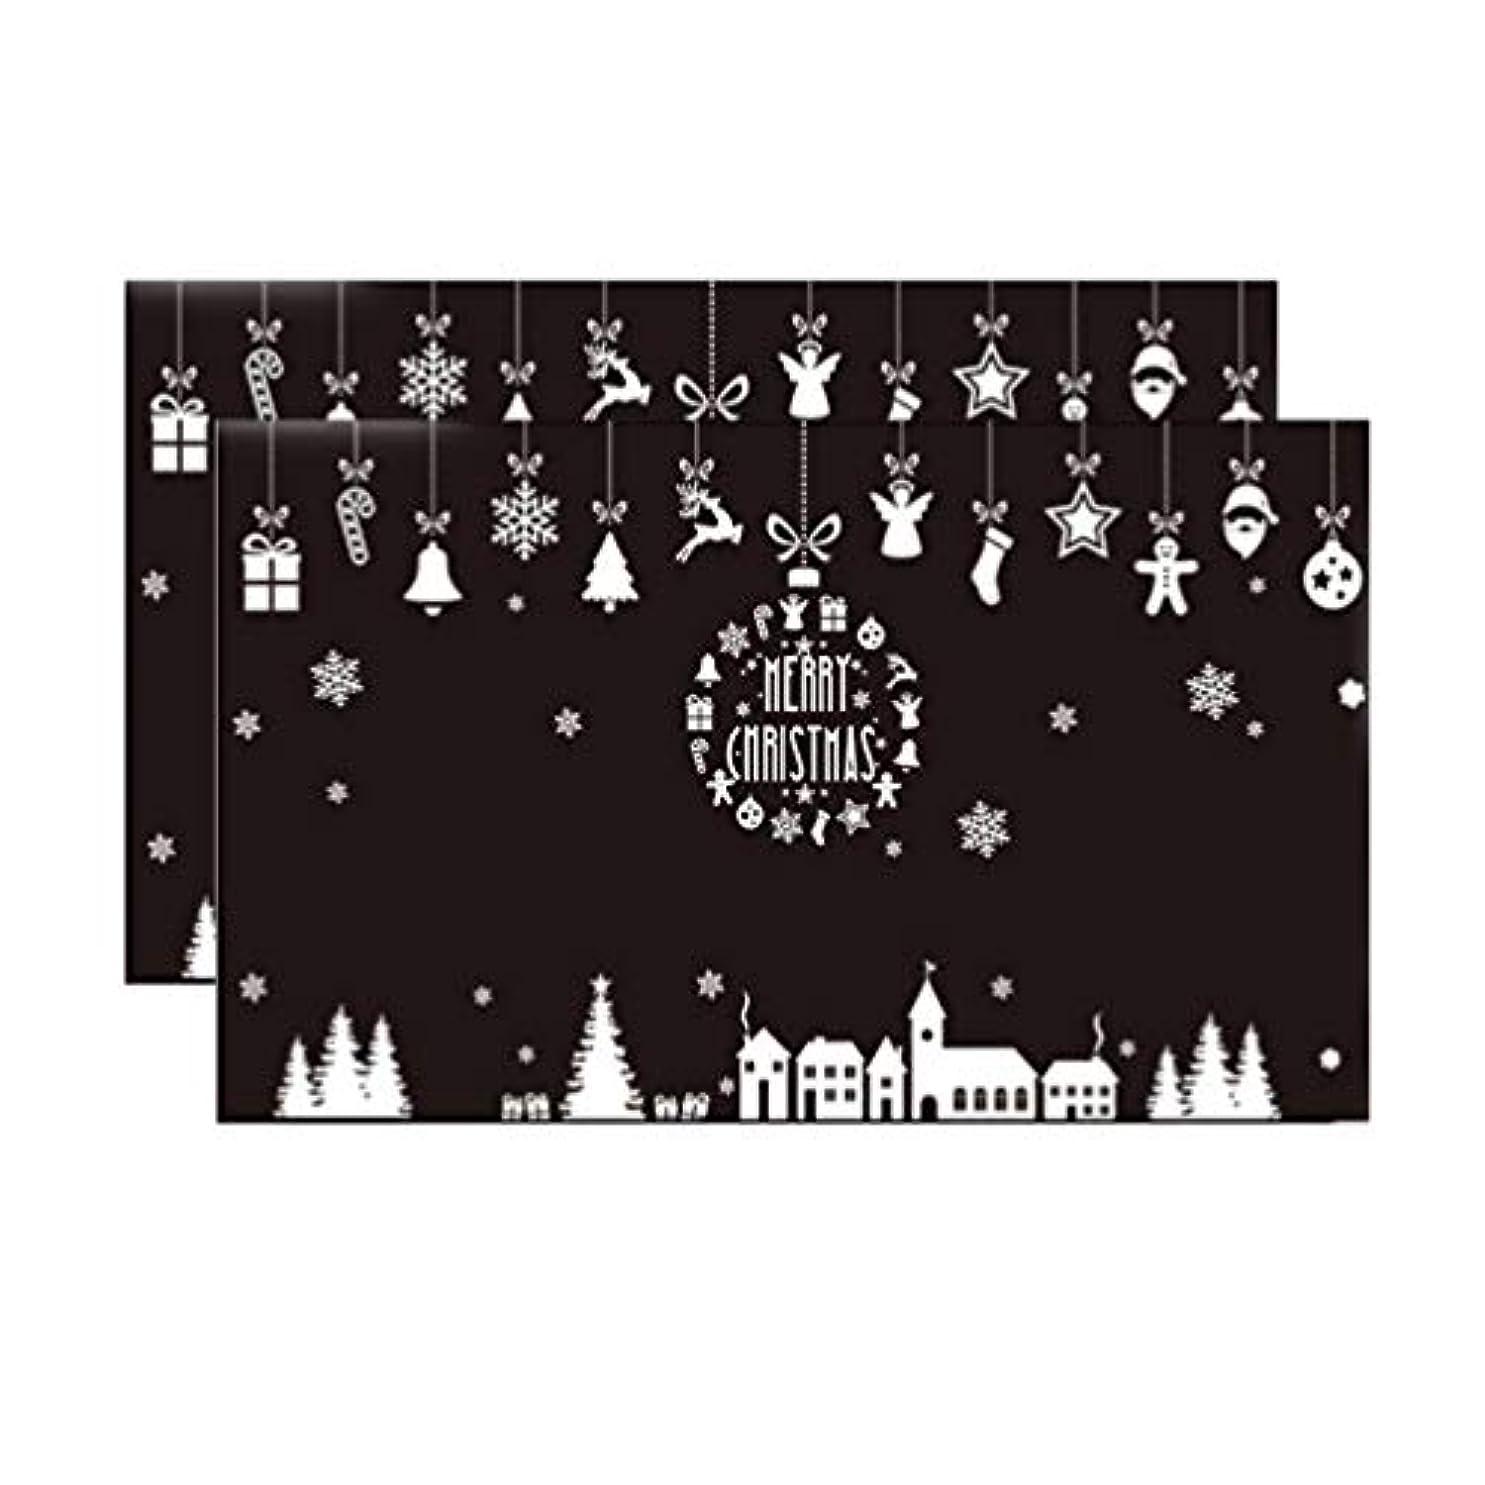 曲インシュレータ不快なSUPVOX 2枚のクリスマスウィンドウにしがみつく装飾スノーフレークウィンドウデカールステッカークリスマス冬のホリデーパーティー用品好意